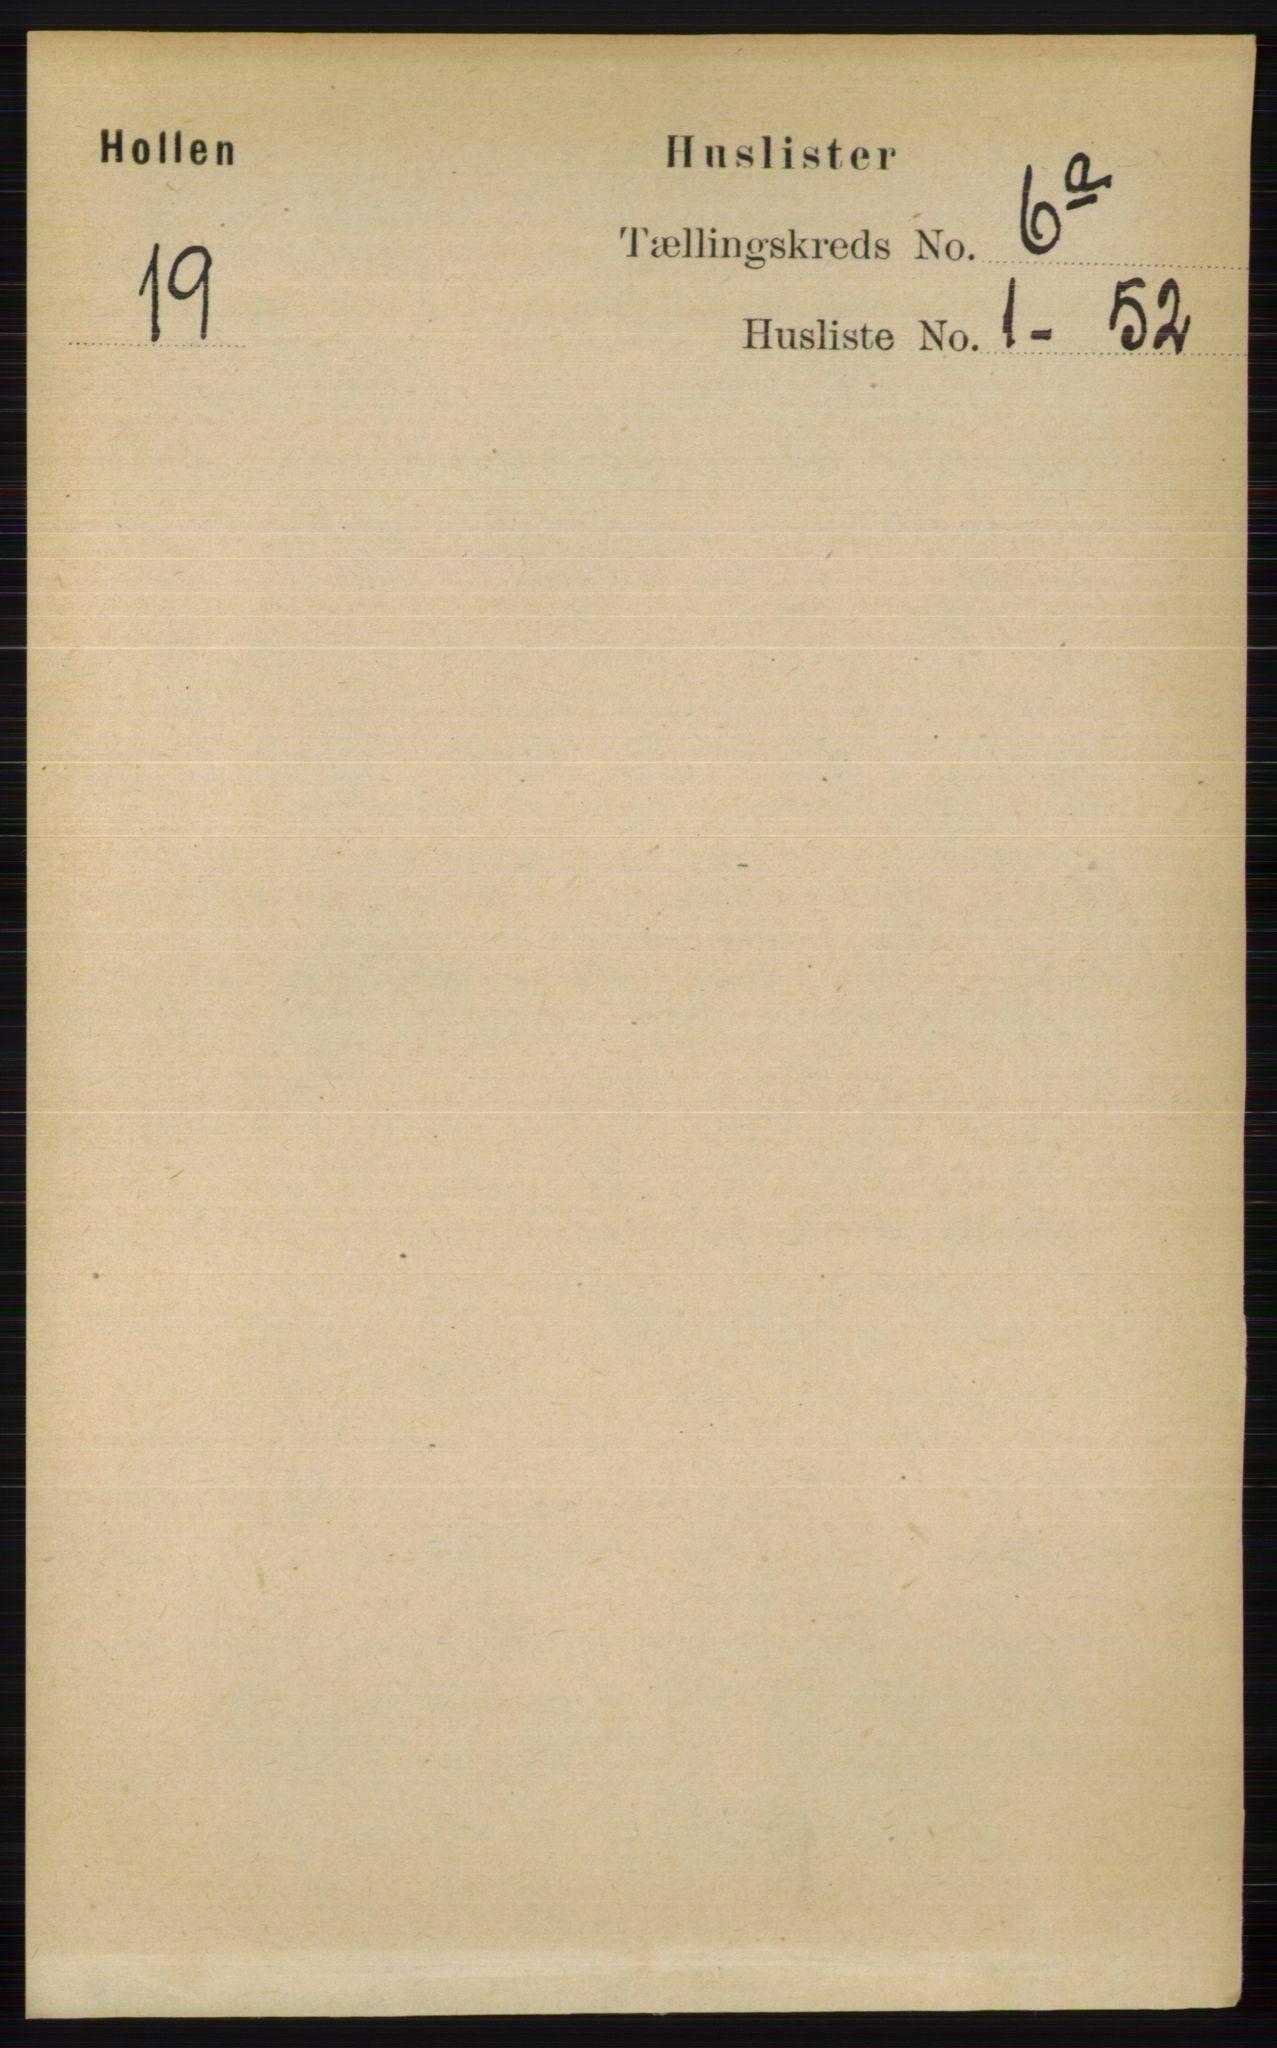 RA, Folketelling 1891 for 0819 Holla herred, 1891, s. 2811